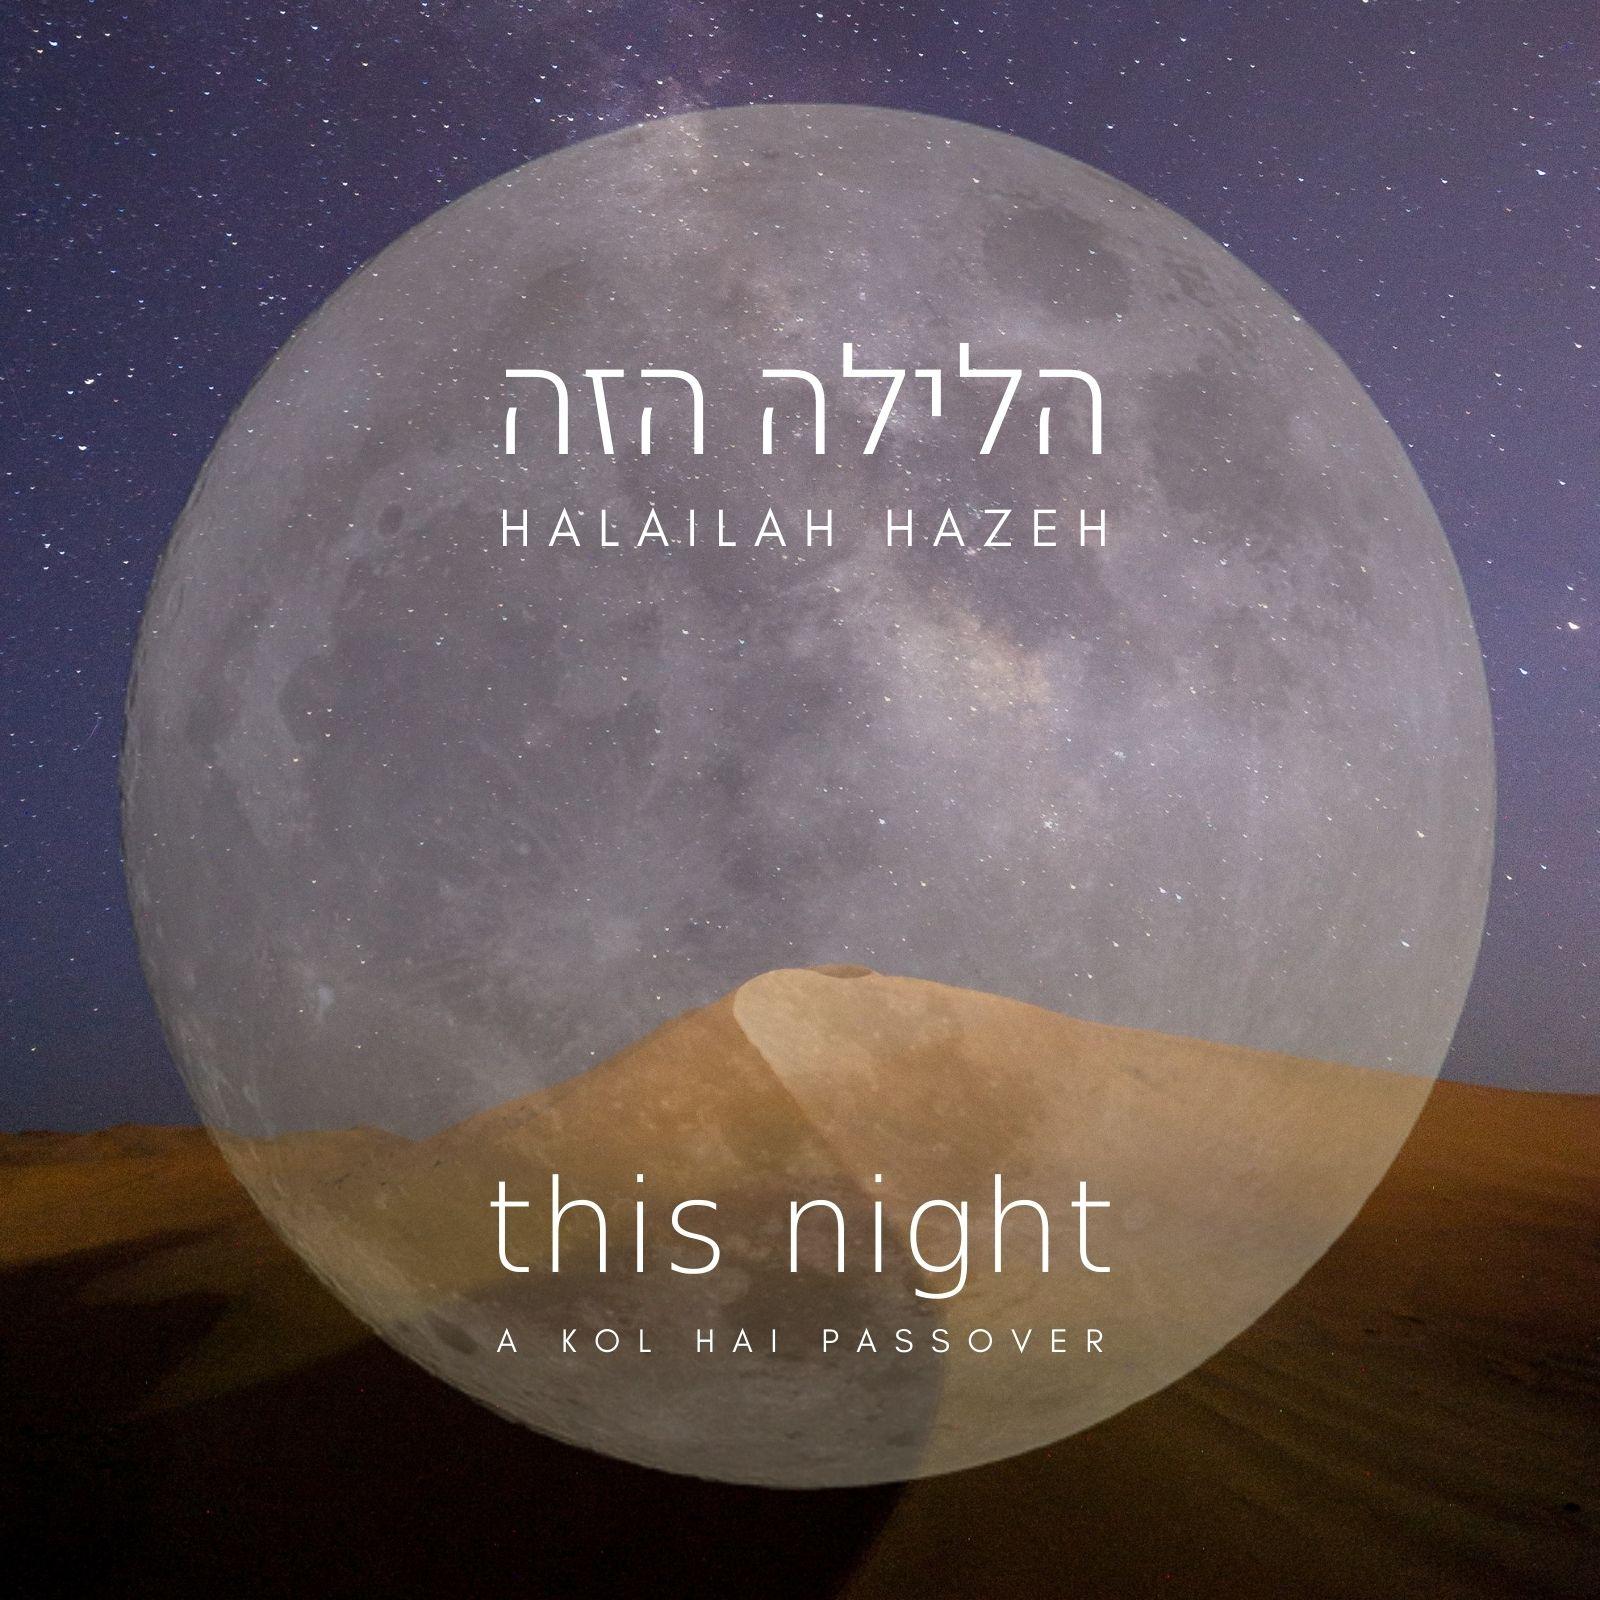 This Night album cover